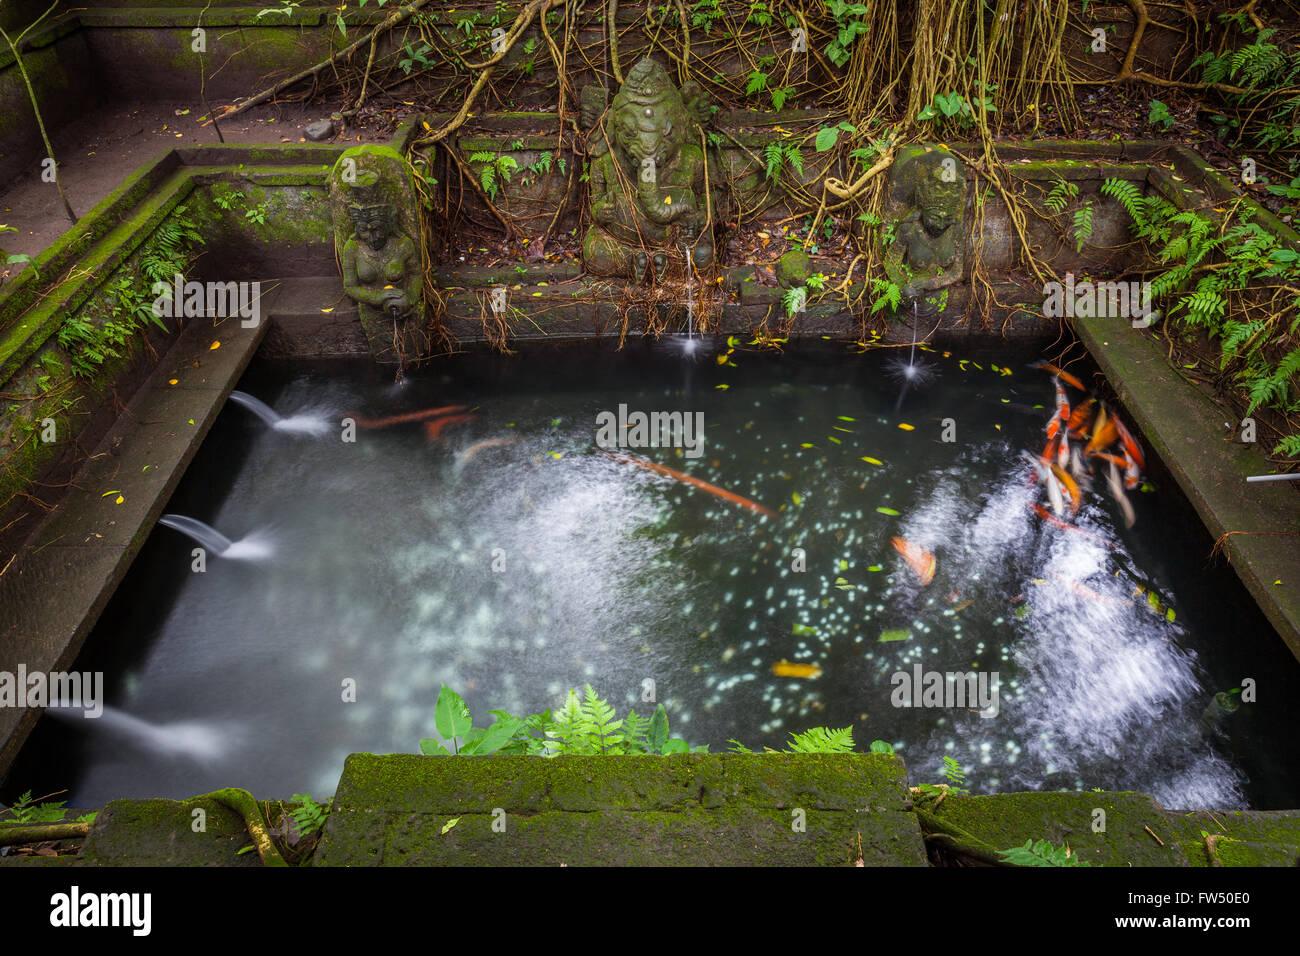 Bad in der Heiligen Frühling Tempel, Heiligtum der Heiligen Affenwald, Ubud, Bali, Indonesien Stockbild